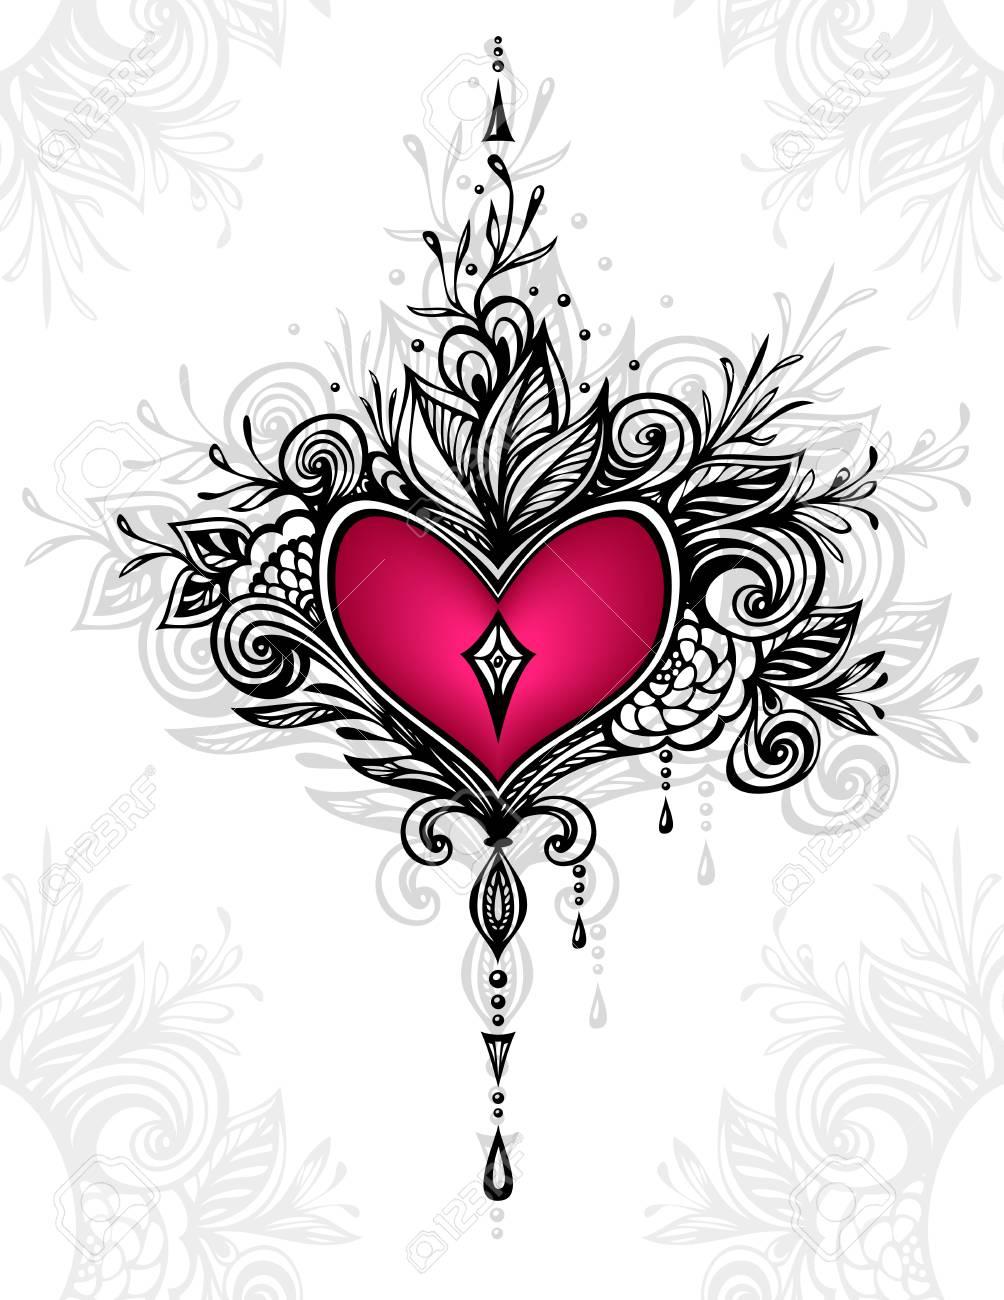 Handgefertigte Zentangle Herz Mit Blumen Im Boho Stil Fur Tattoo